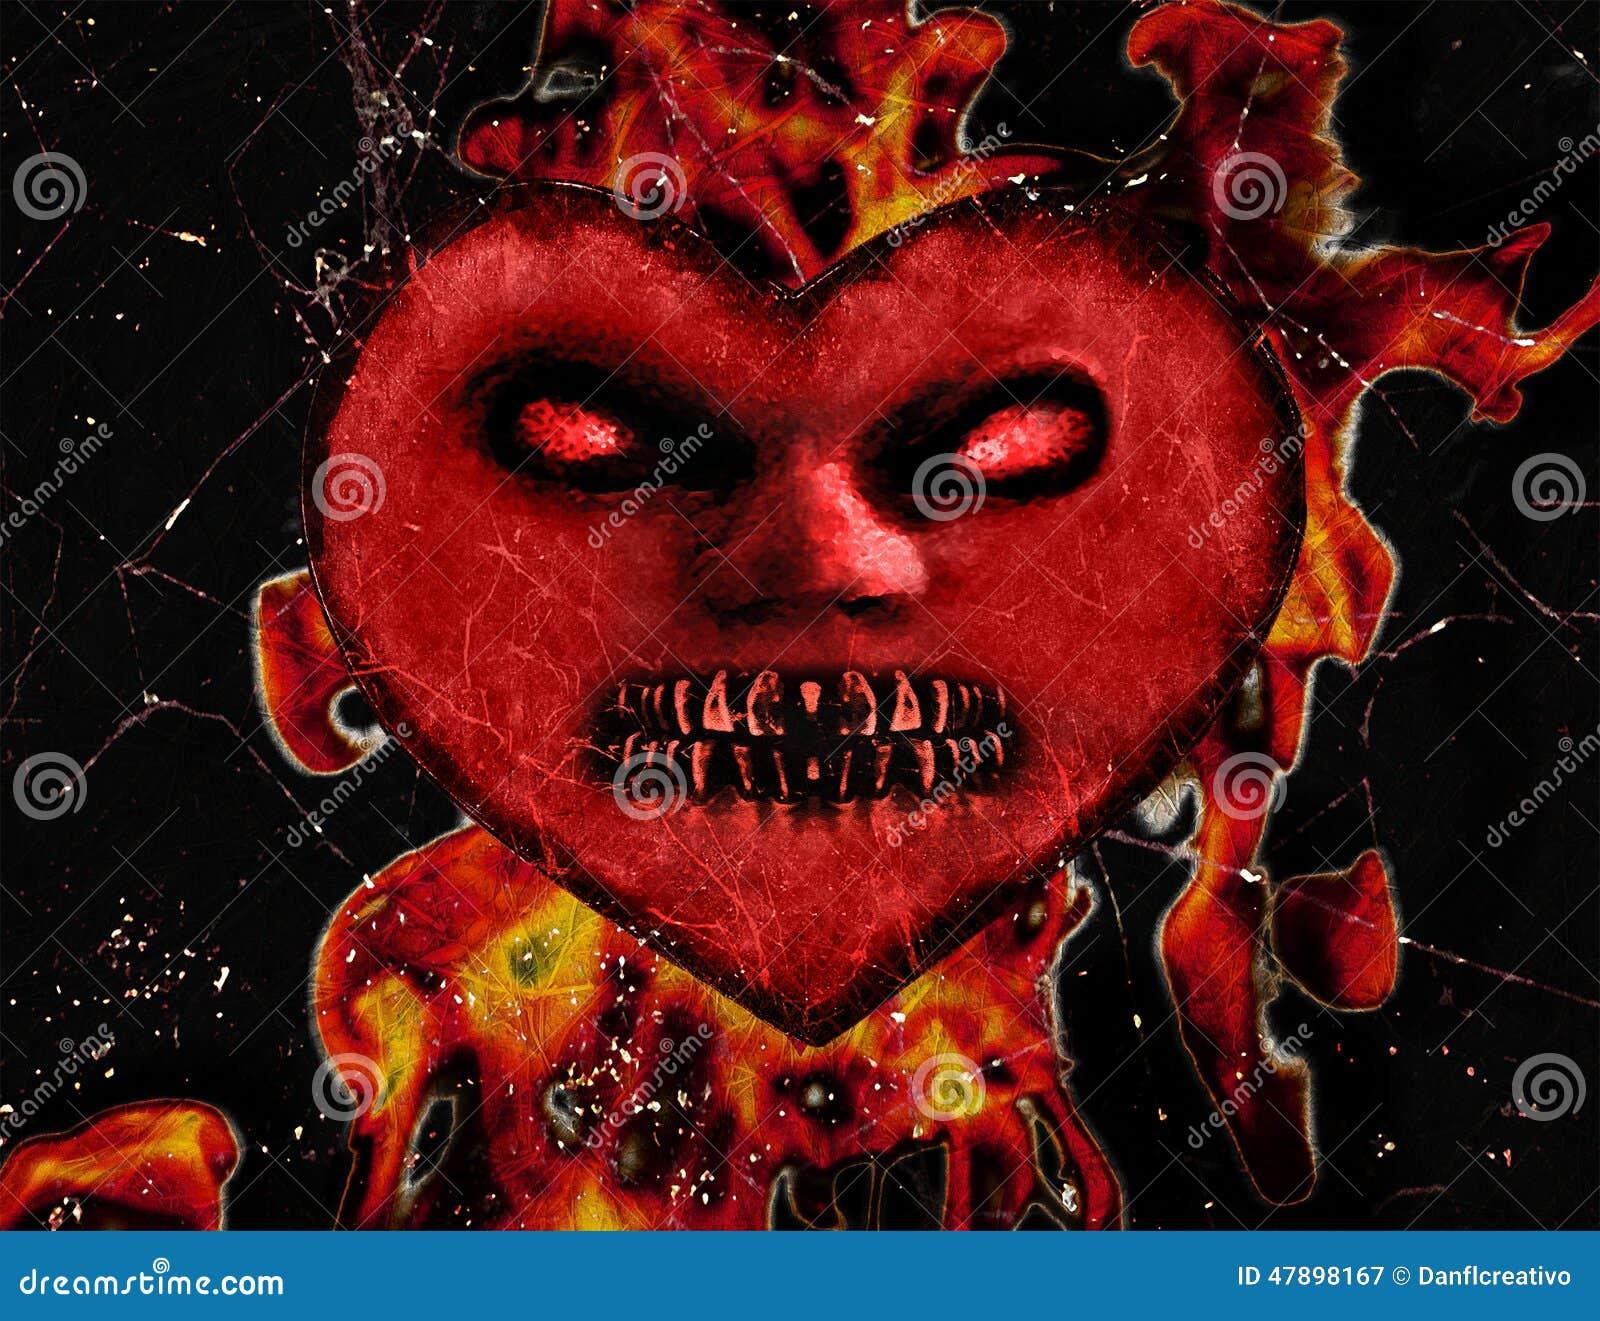 Evil Heart Wallpaper